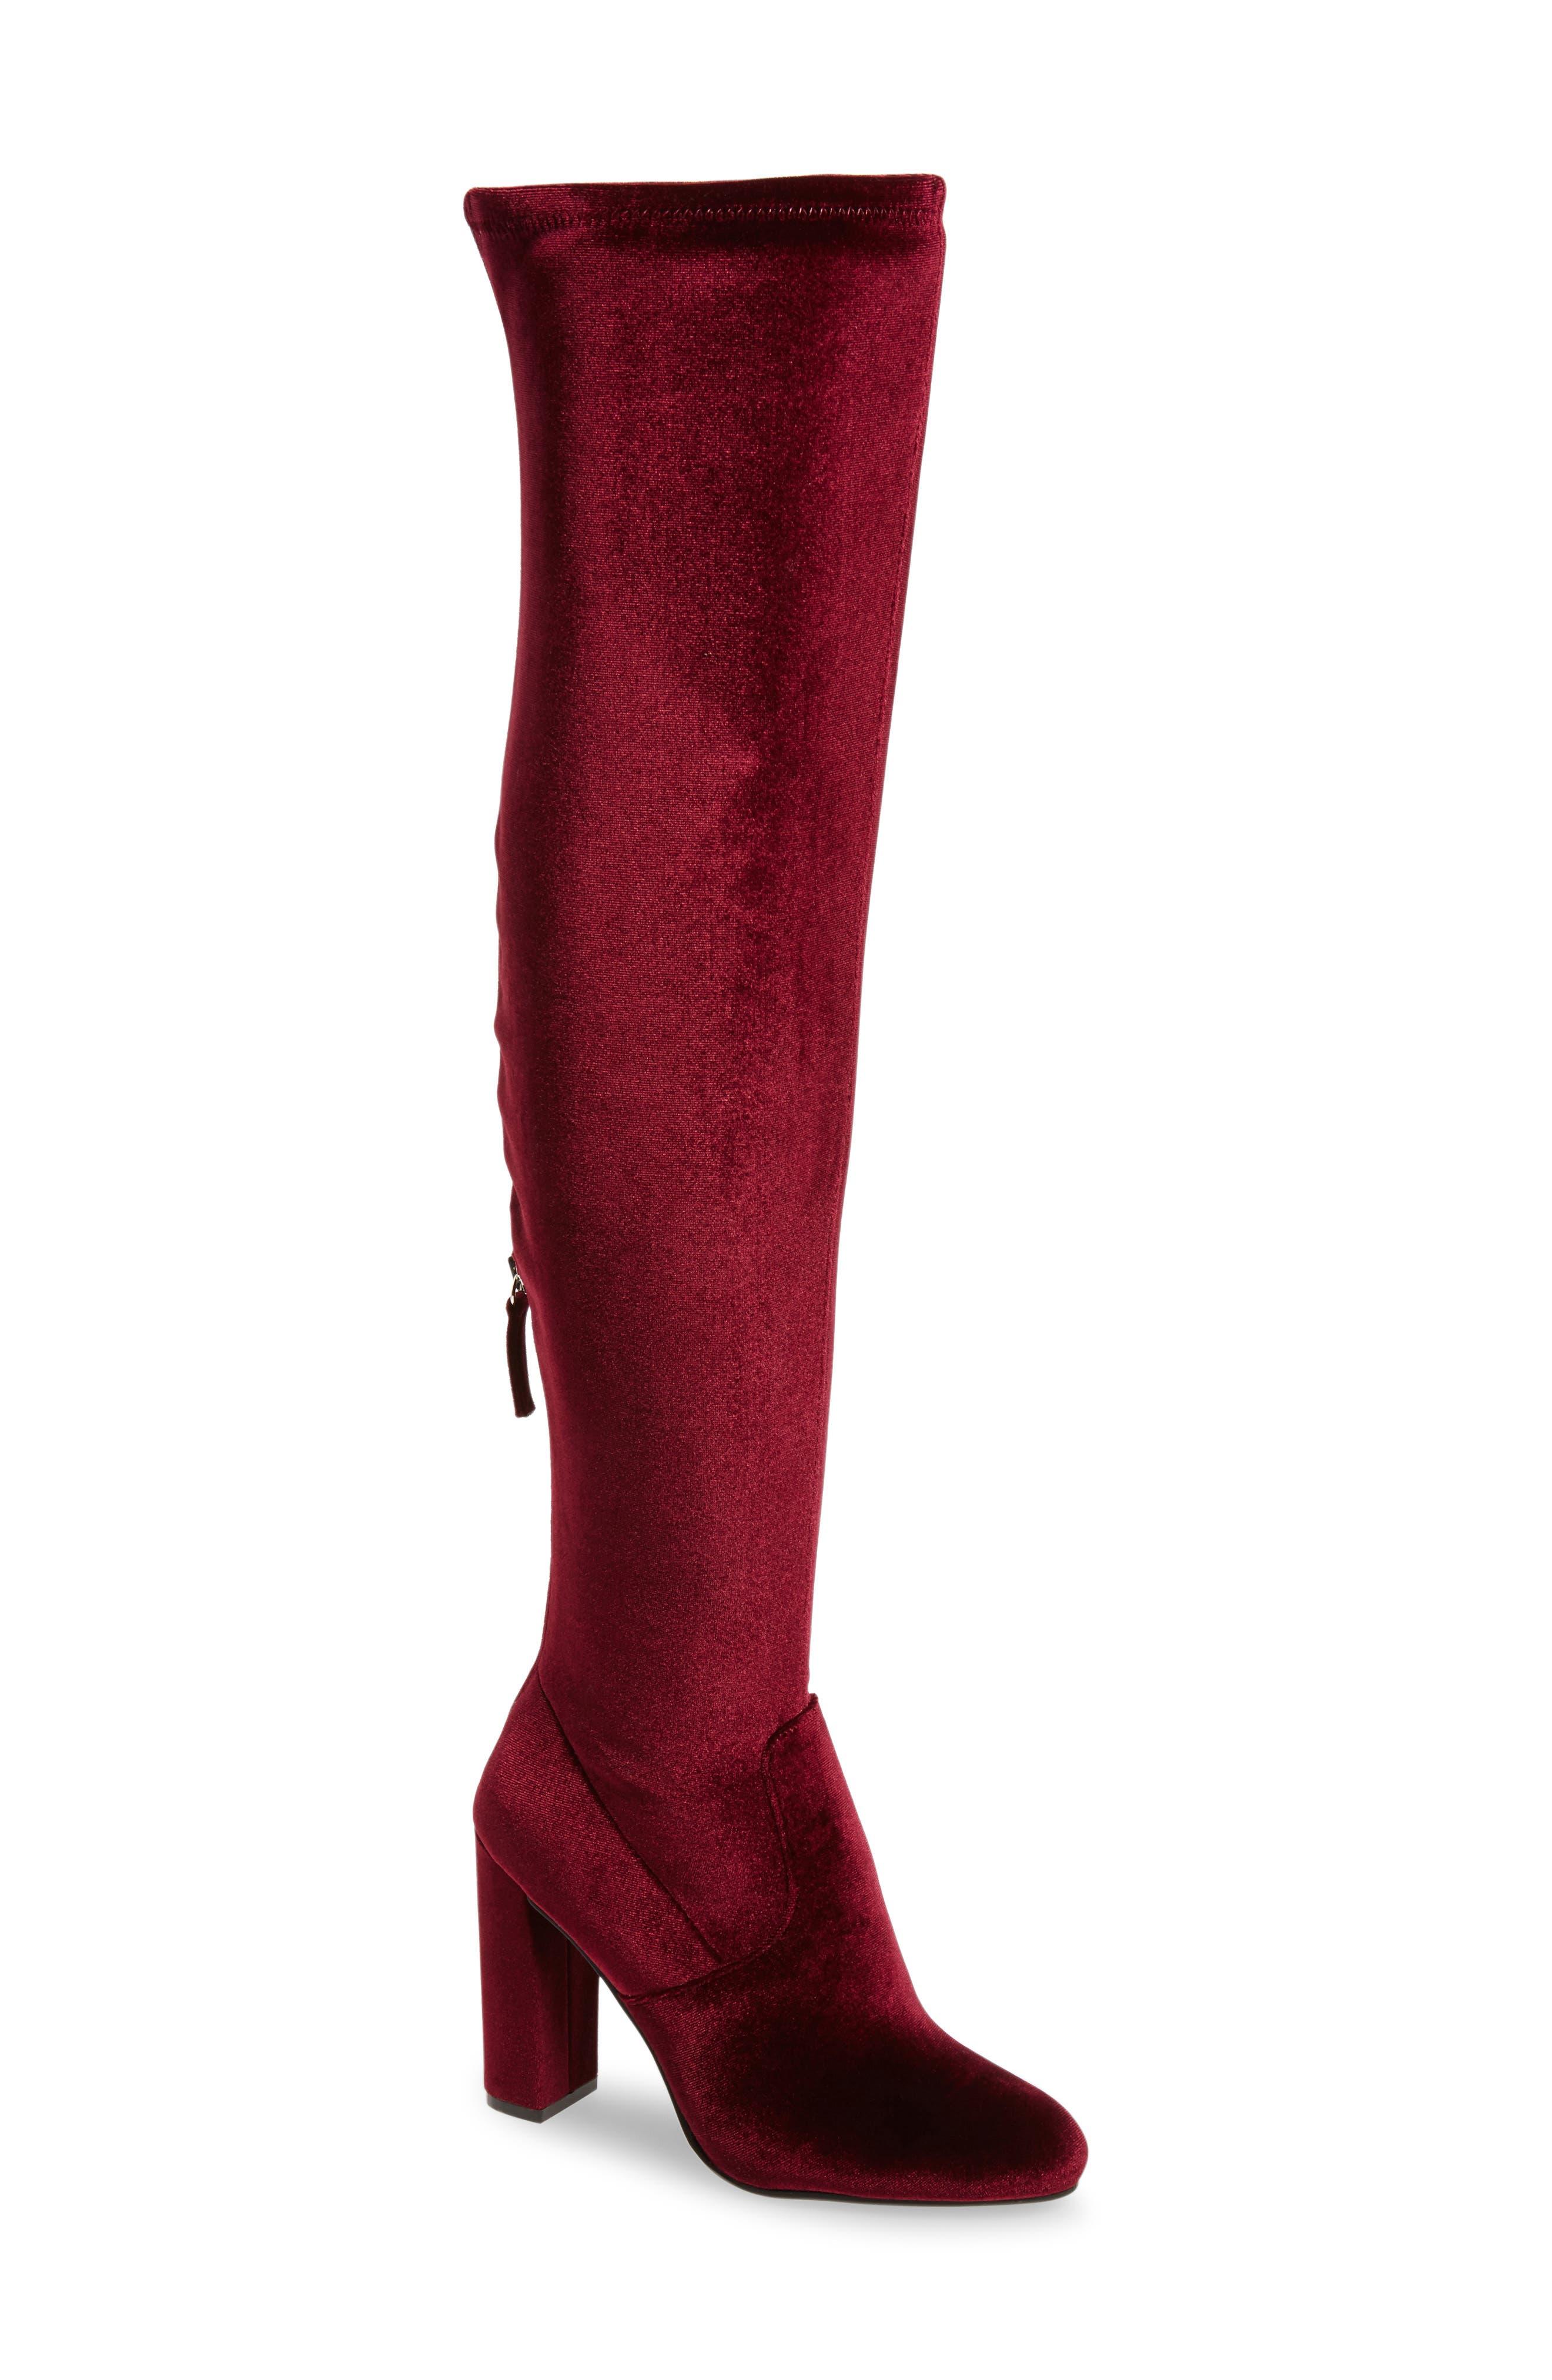 Alternate Image 1 Selected - Steve Madden Emotionv Over the Knee Boot (Women)